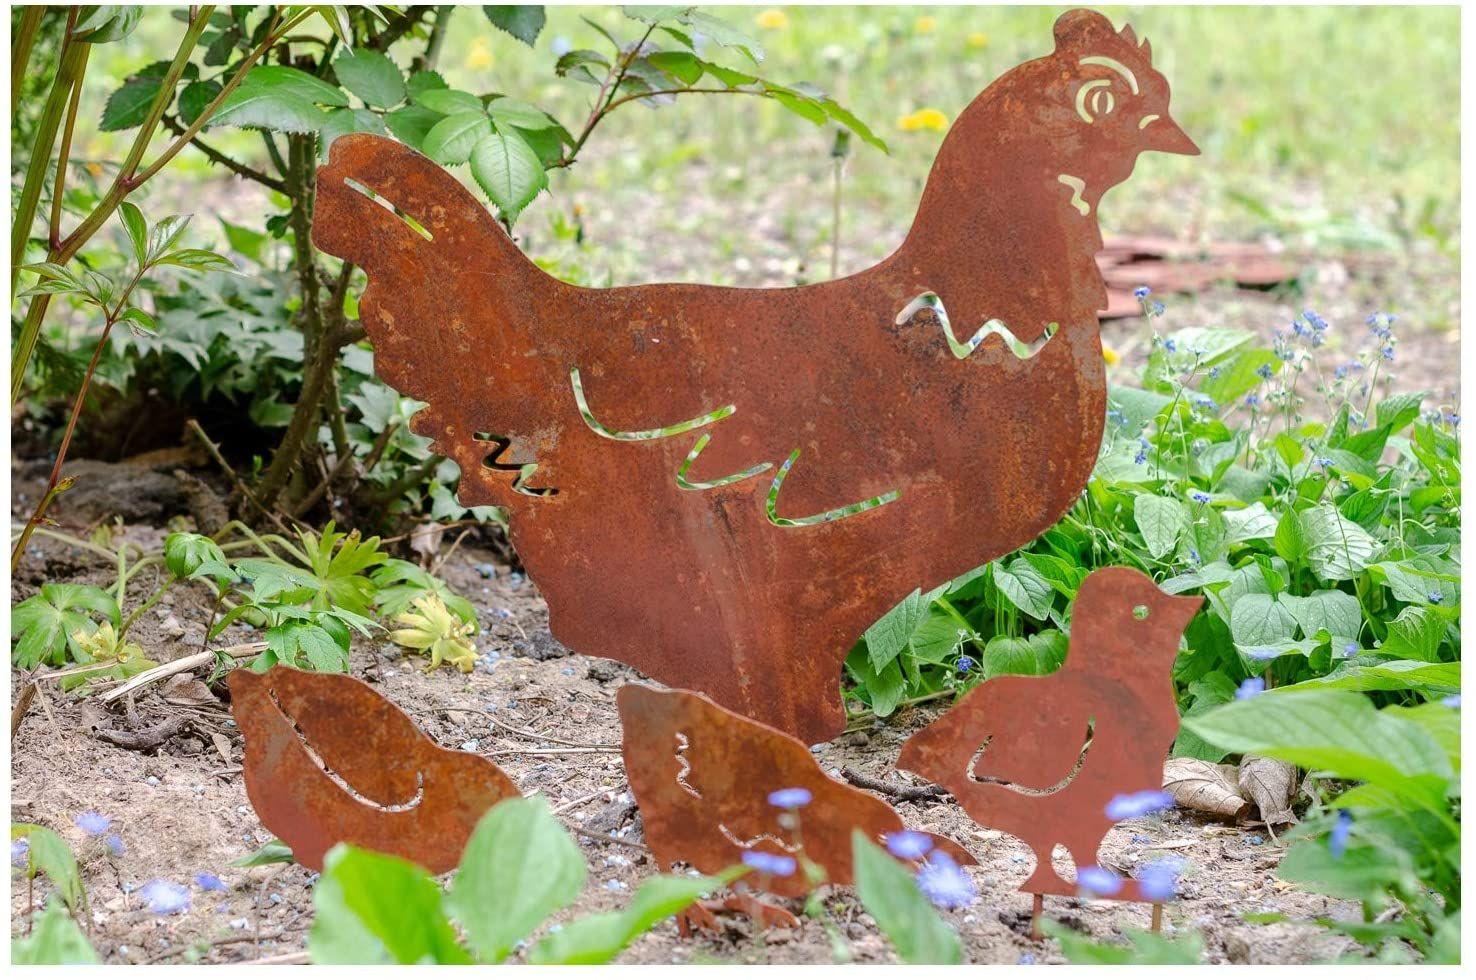 Gartenstecker Huhn Mit Kuken Im Antik Stil Antik Gartenstecker Stil